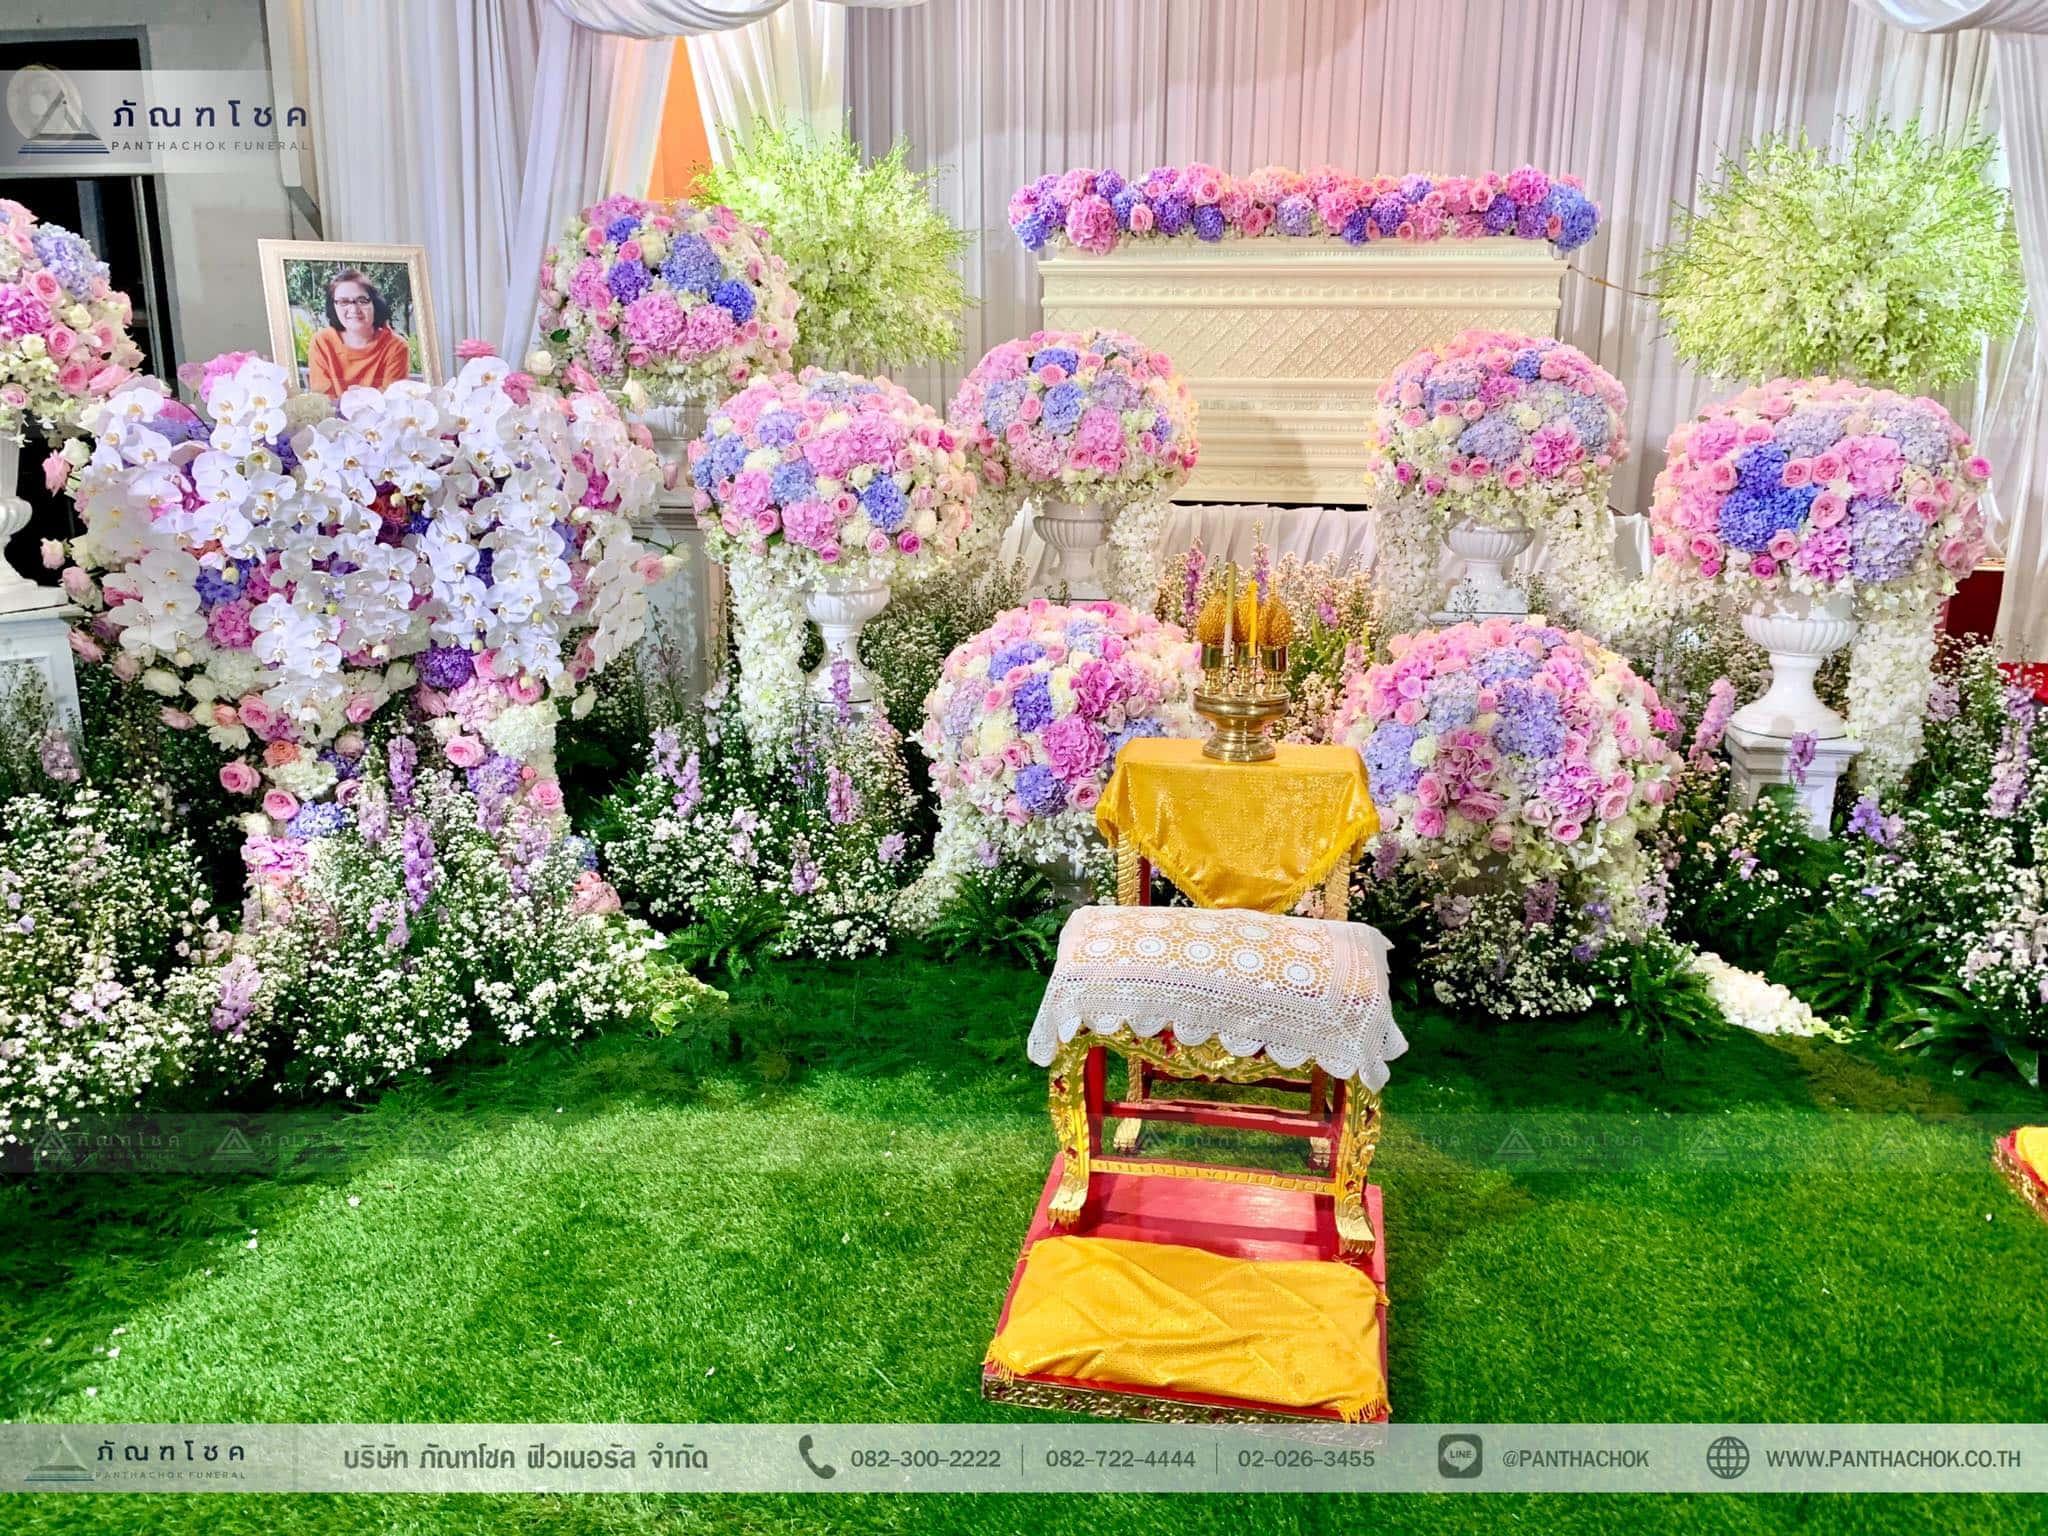 ชุดดอกไม้ประดับหน้าหีบ สไตล์ผู้ดีอังกฤษจิบชายามบ่าย (งานศพคุณแม่ของคุณอ๊อฟ ปองศักดิ์) 11